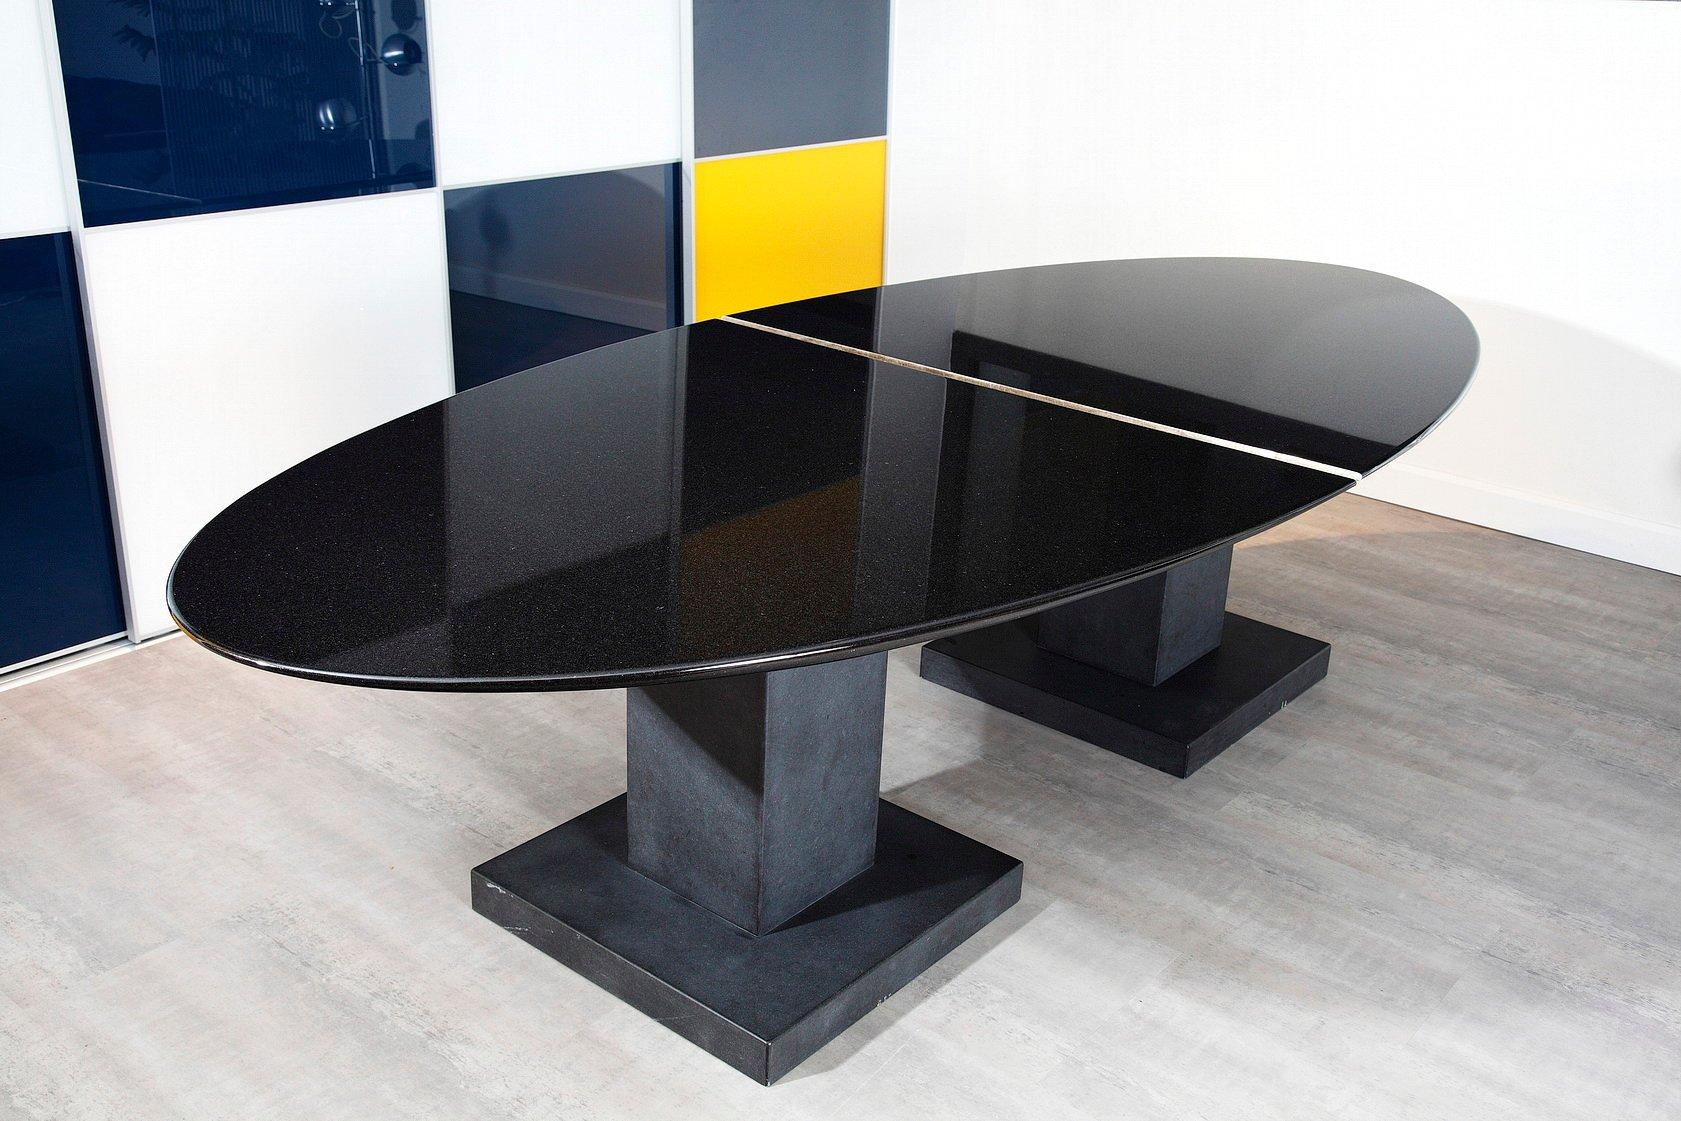 schwarzer granit esstisch von michael prentice bei pamono kaufen. Black Bedroom Furniture Sets. Home Design Ideas